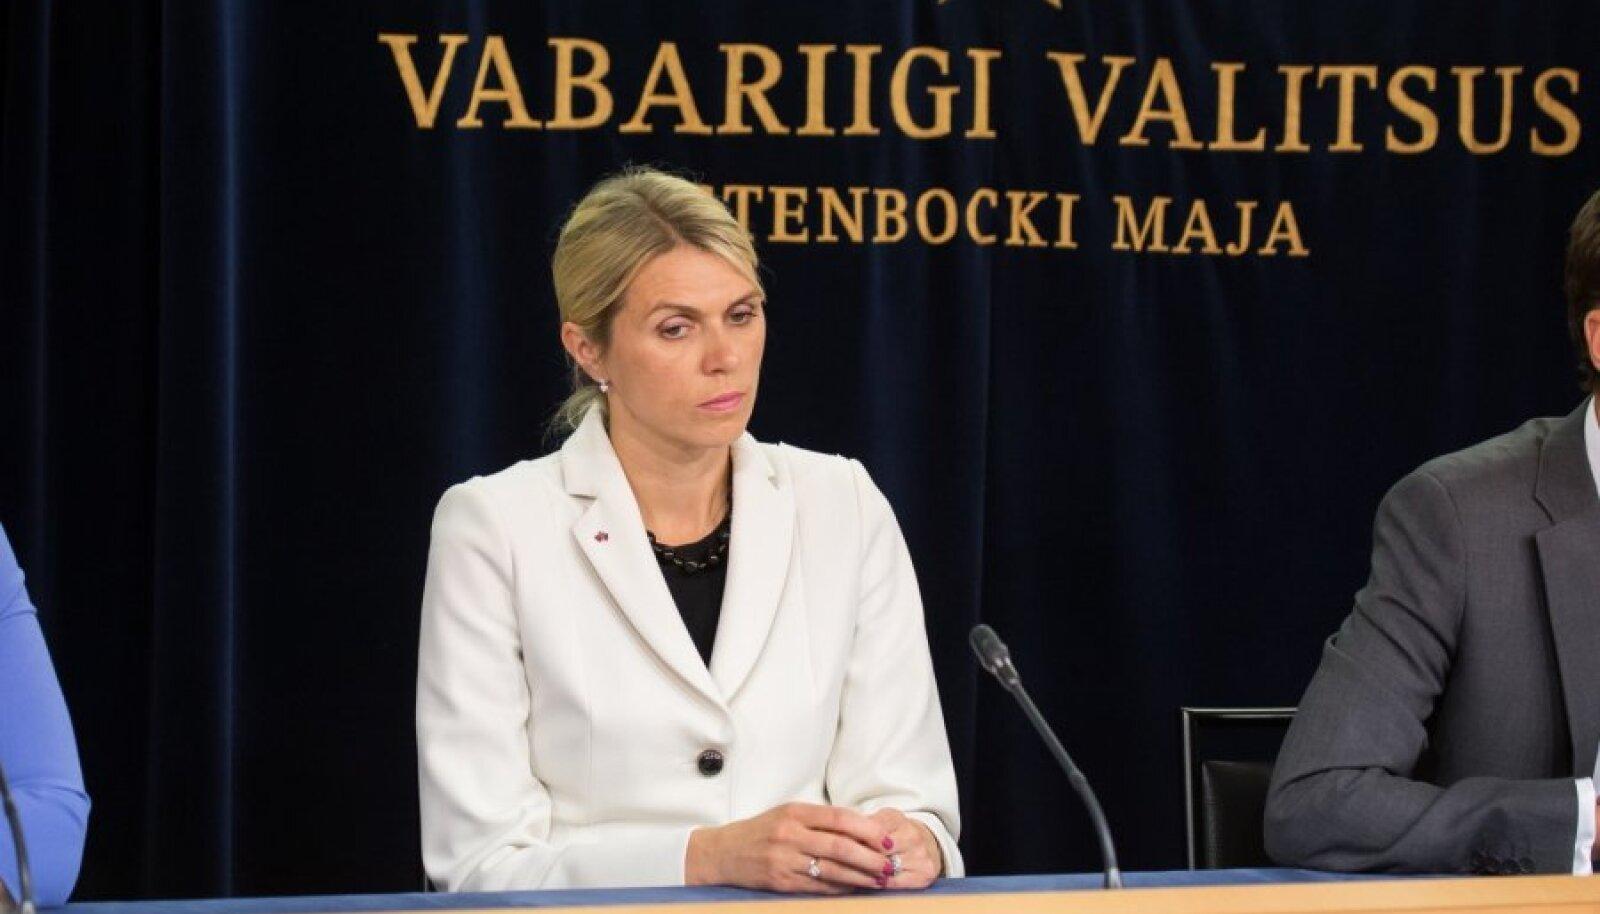 Majandus- ja taristuminister Urve Palo